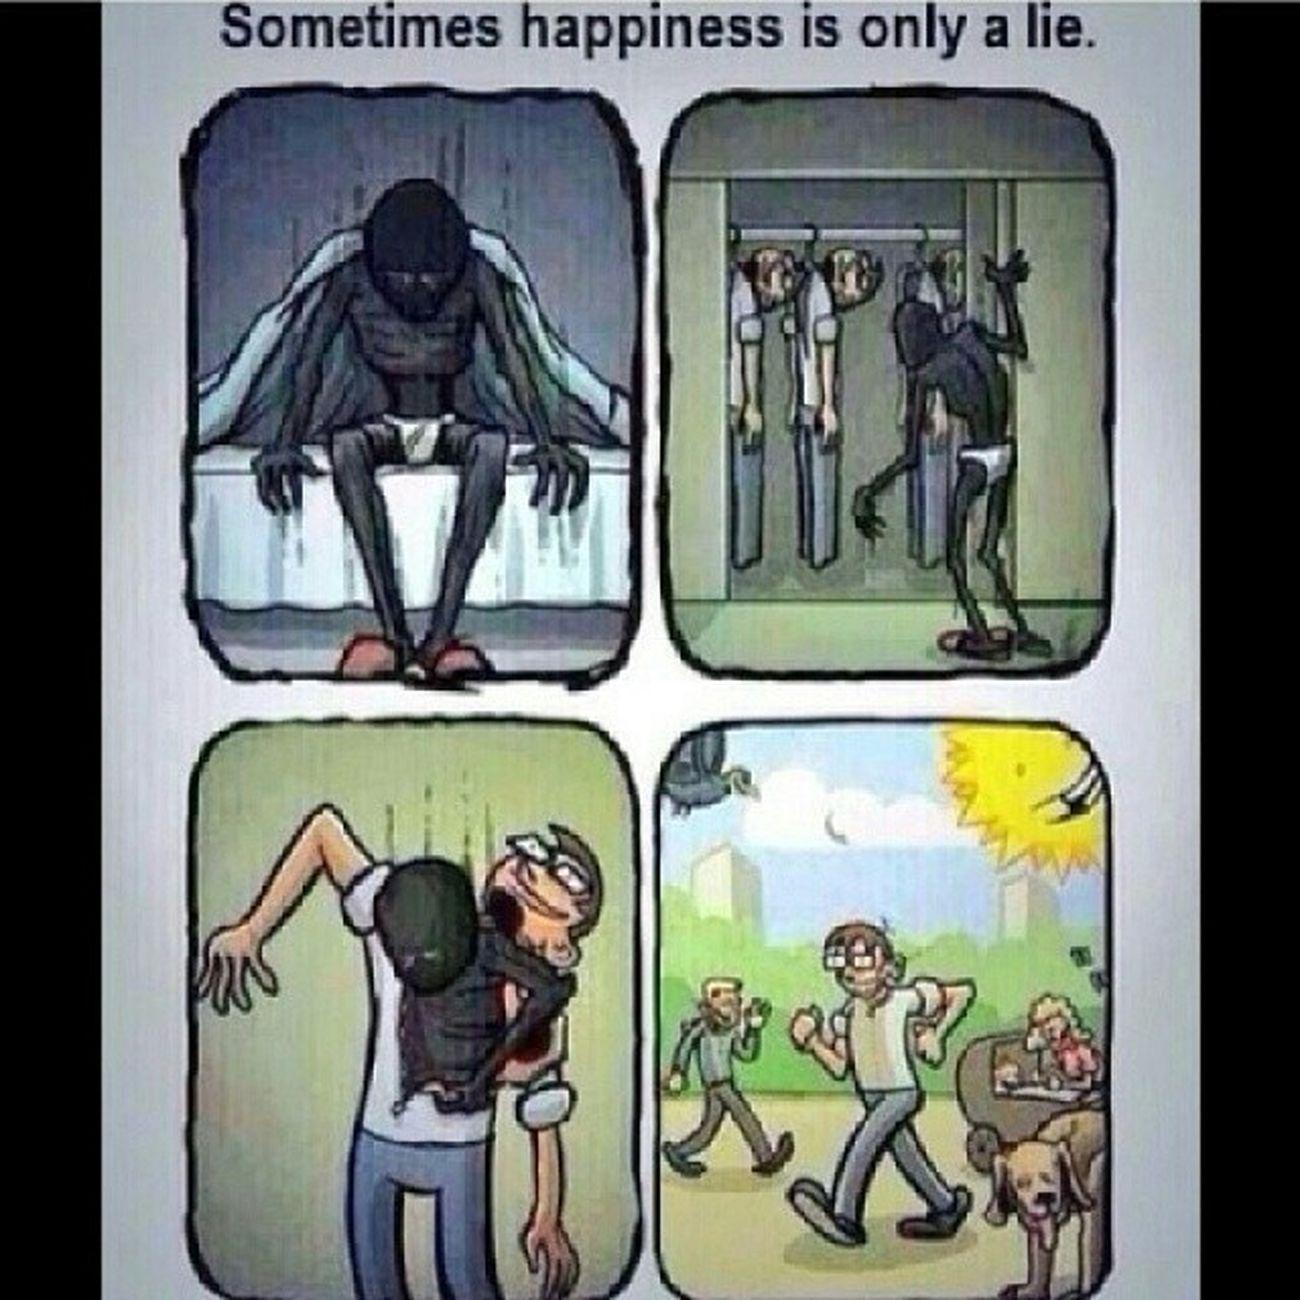 Ás vezes a felicidade é apenas uma mentira! Felicidade Happiness Sadness Mentira lie rotina routine tired